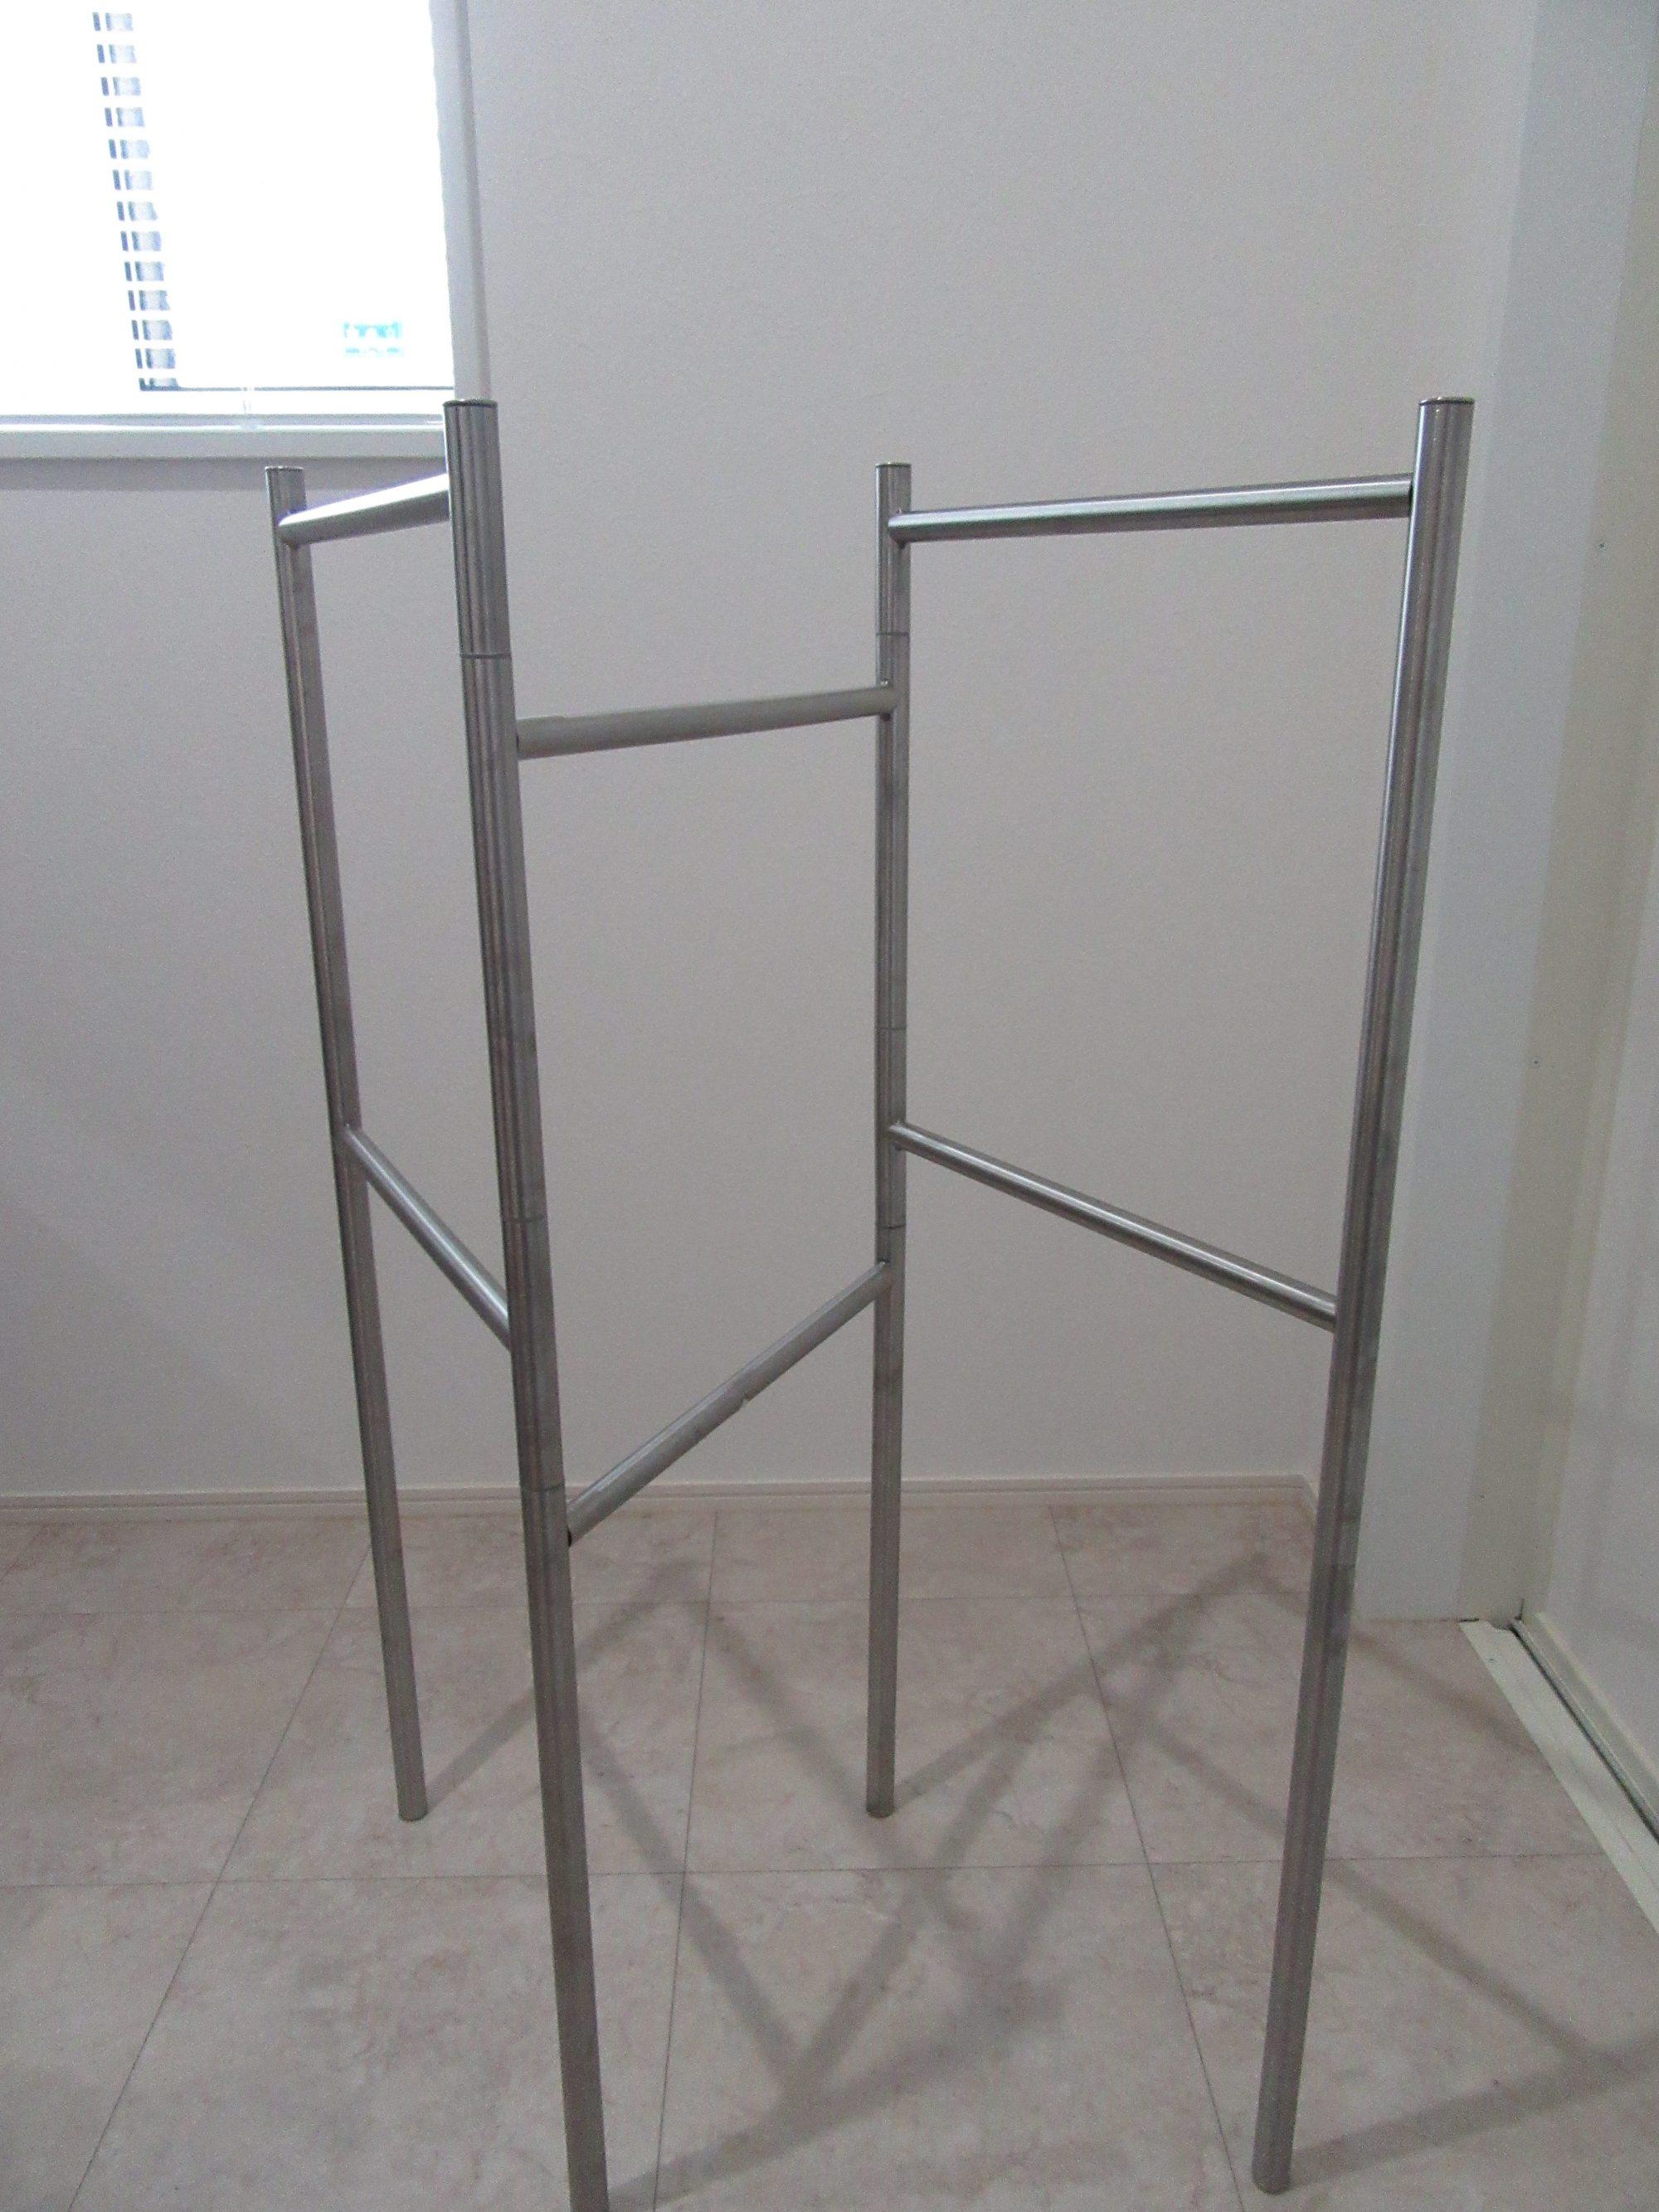 IKEAのタオルスタンドのBROGRUNDを洗面室に置いてみた